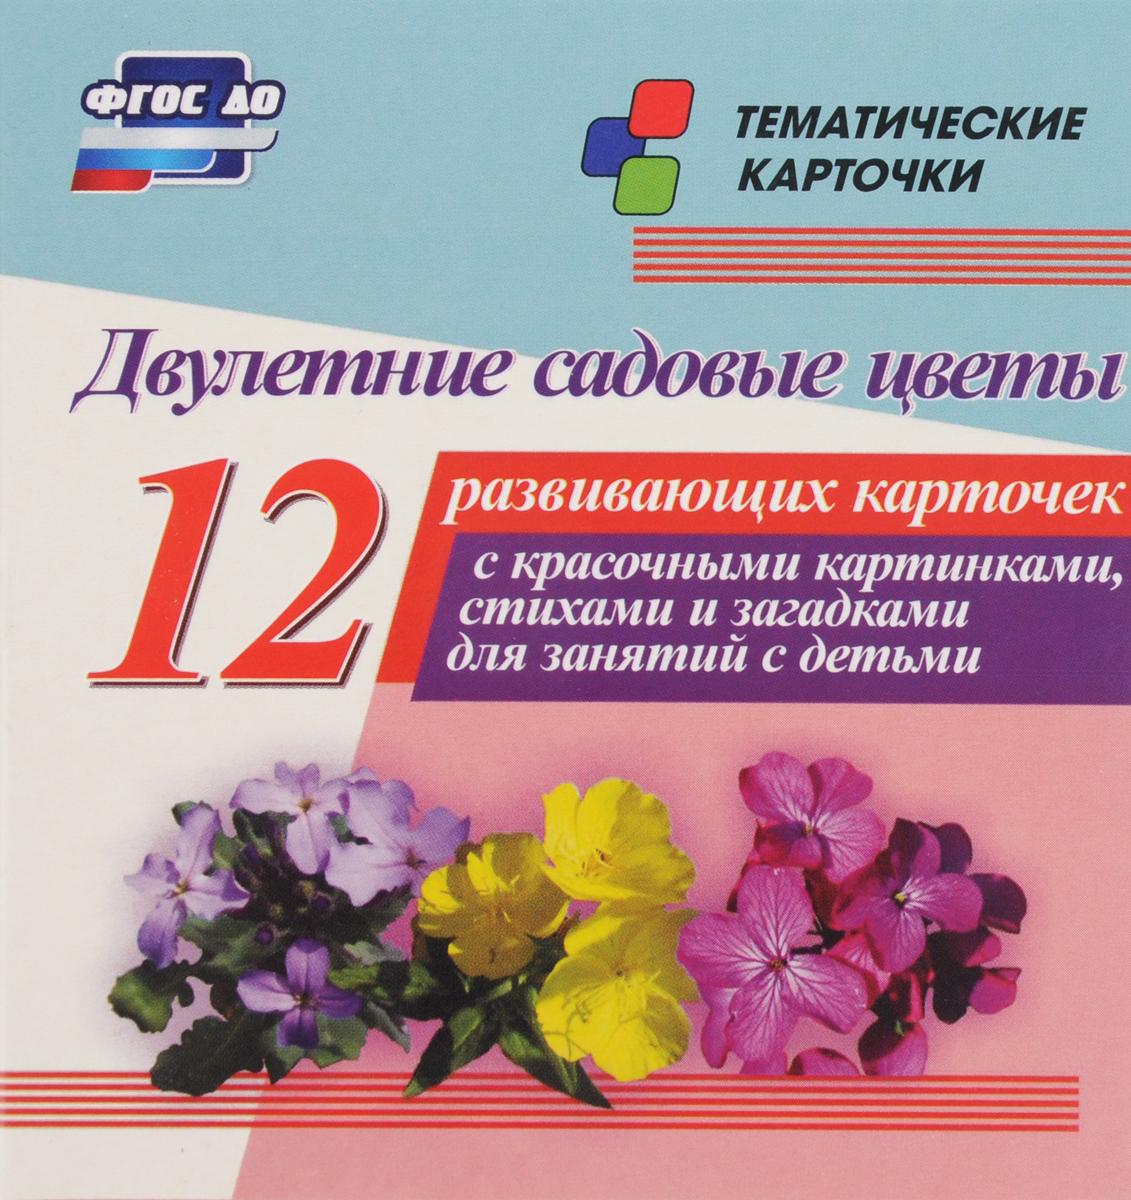 Двулетние садовые цветы (12 развивающих карточек)